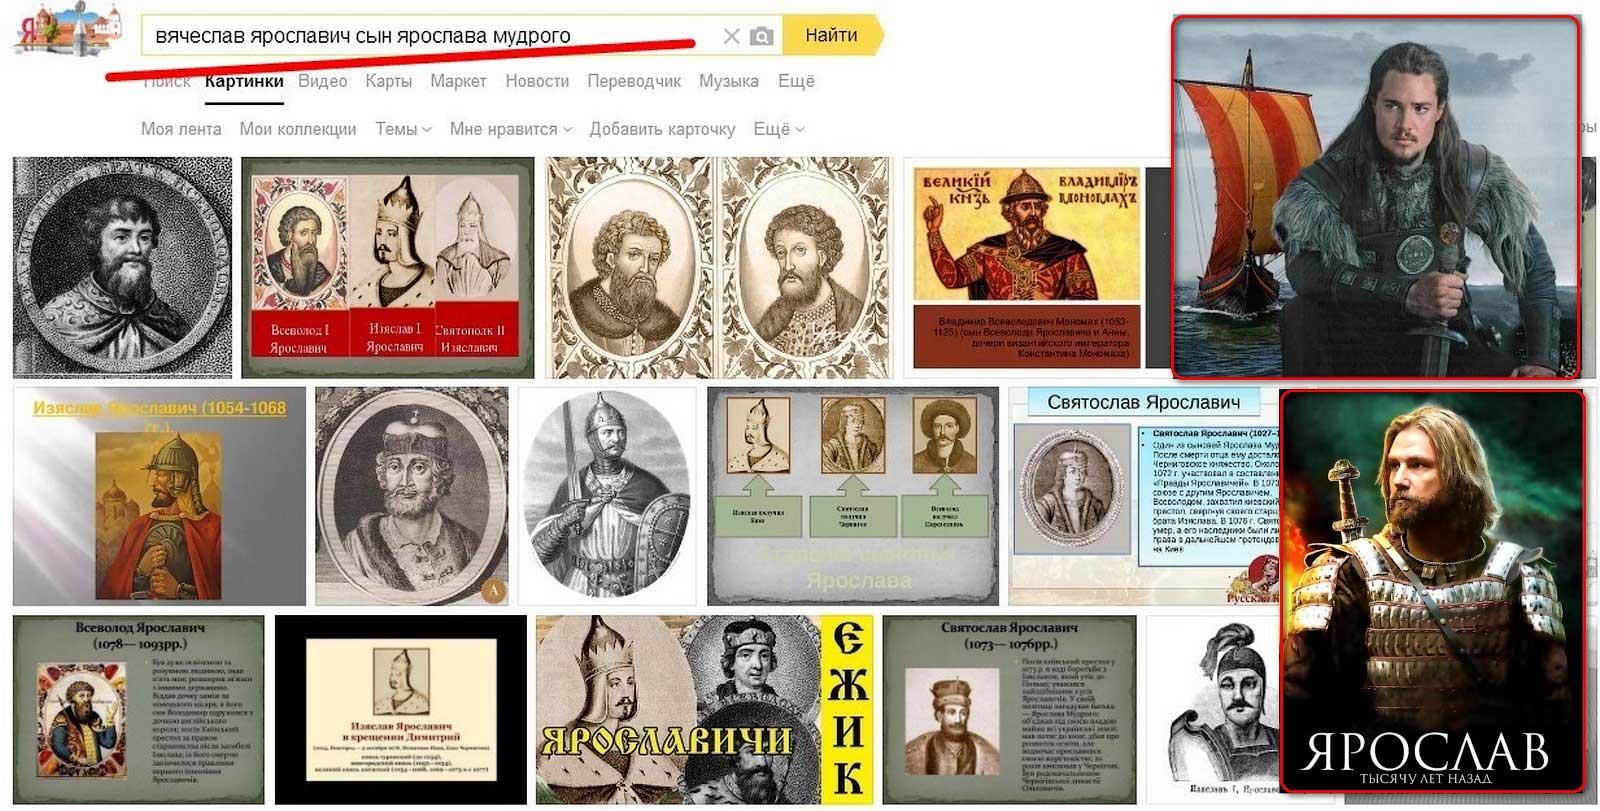 Образ князя Вячеслава Смоленского